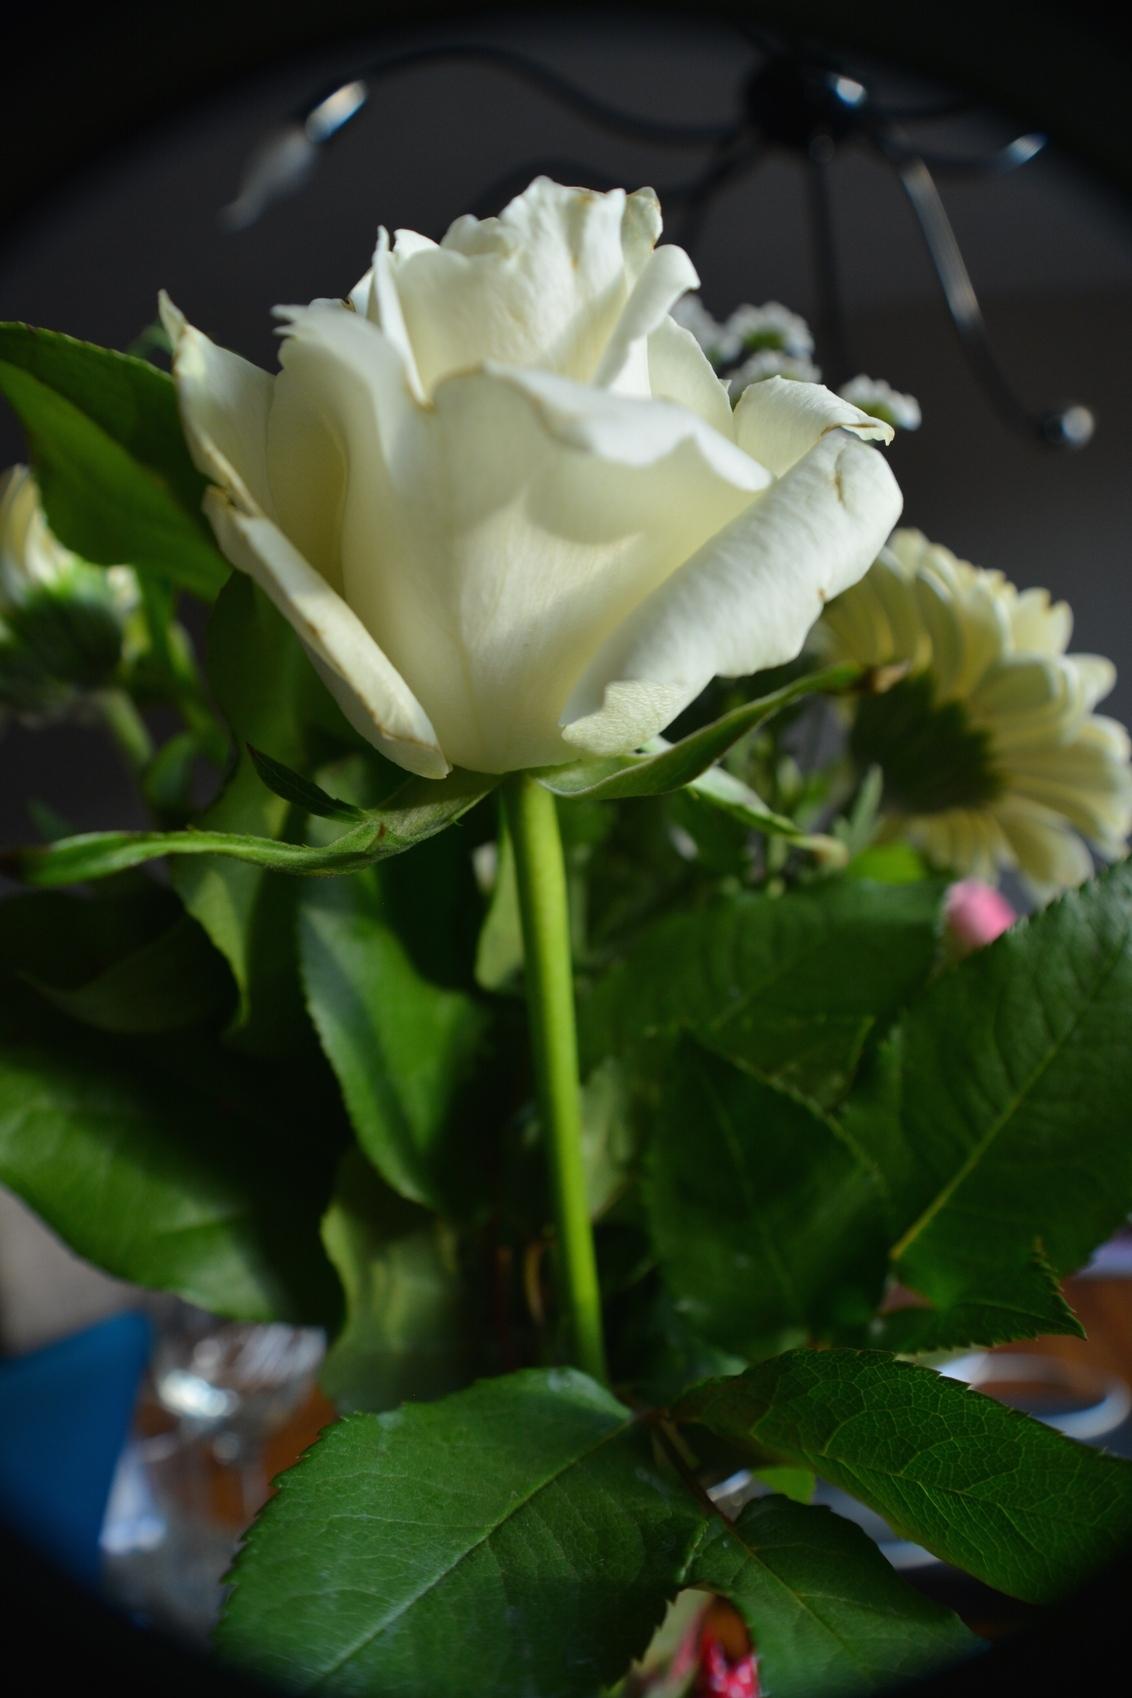 White rose - - - foto door manongeven op 23-09-2015 - deze foto bevat: wit, bloem, natuur, roos, stilte, bidprentje